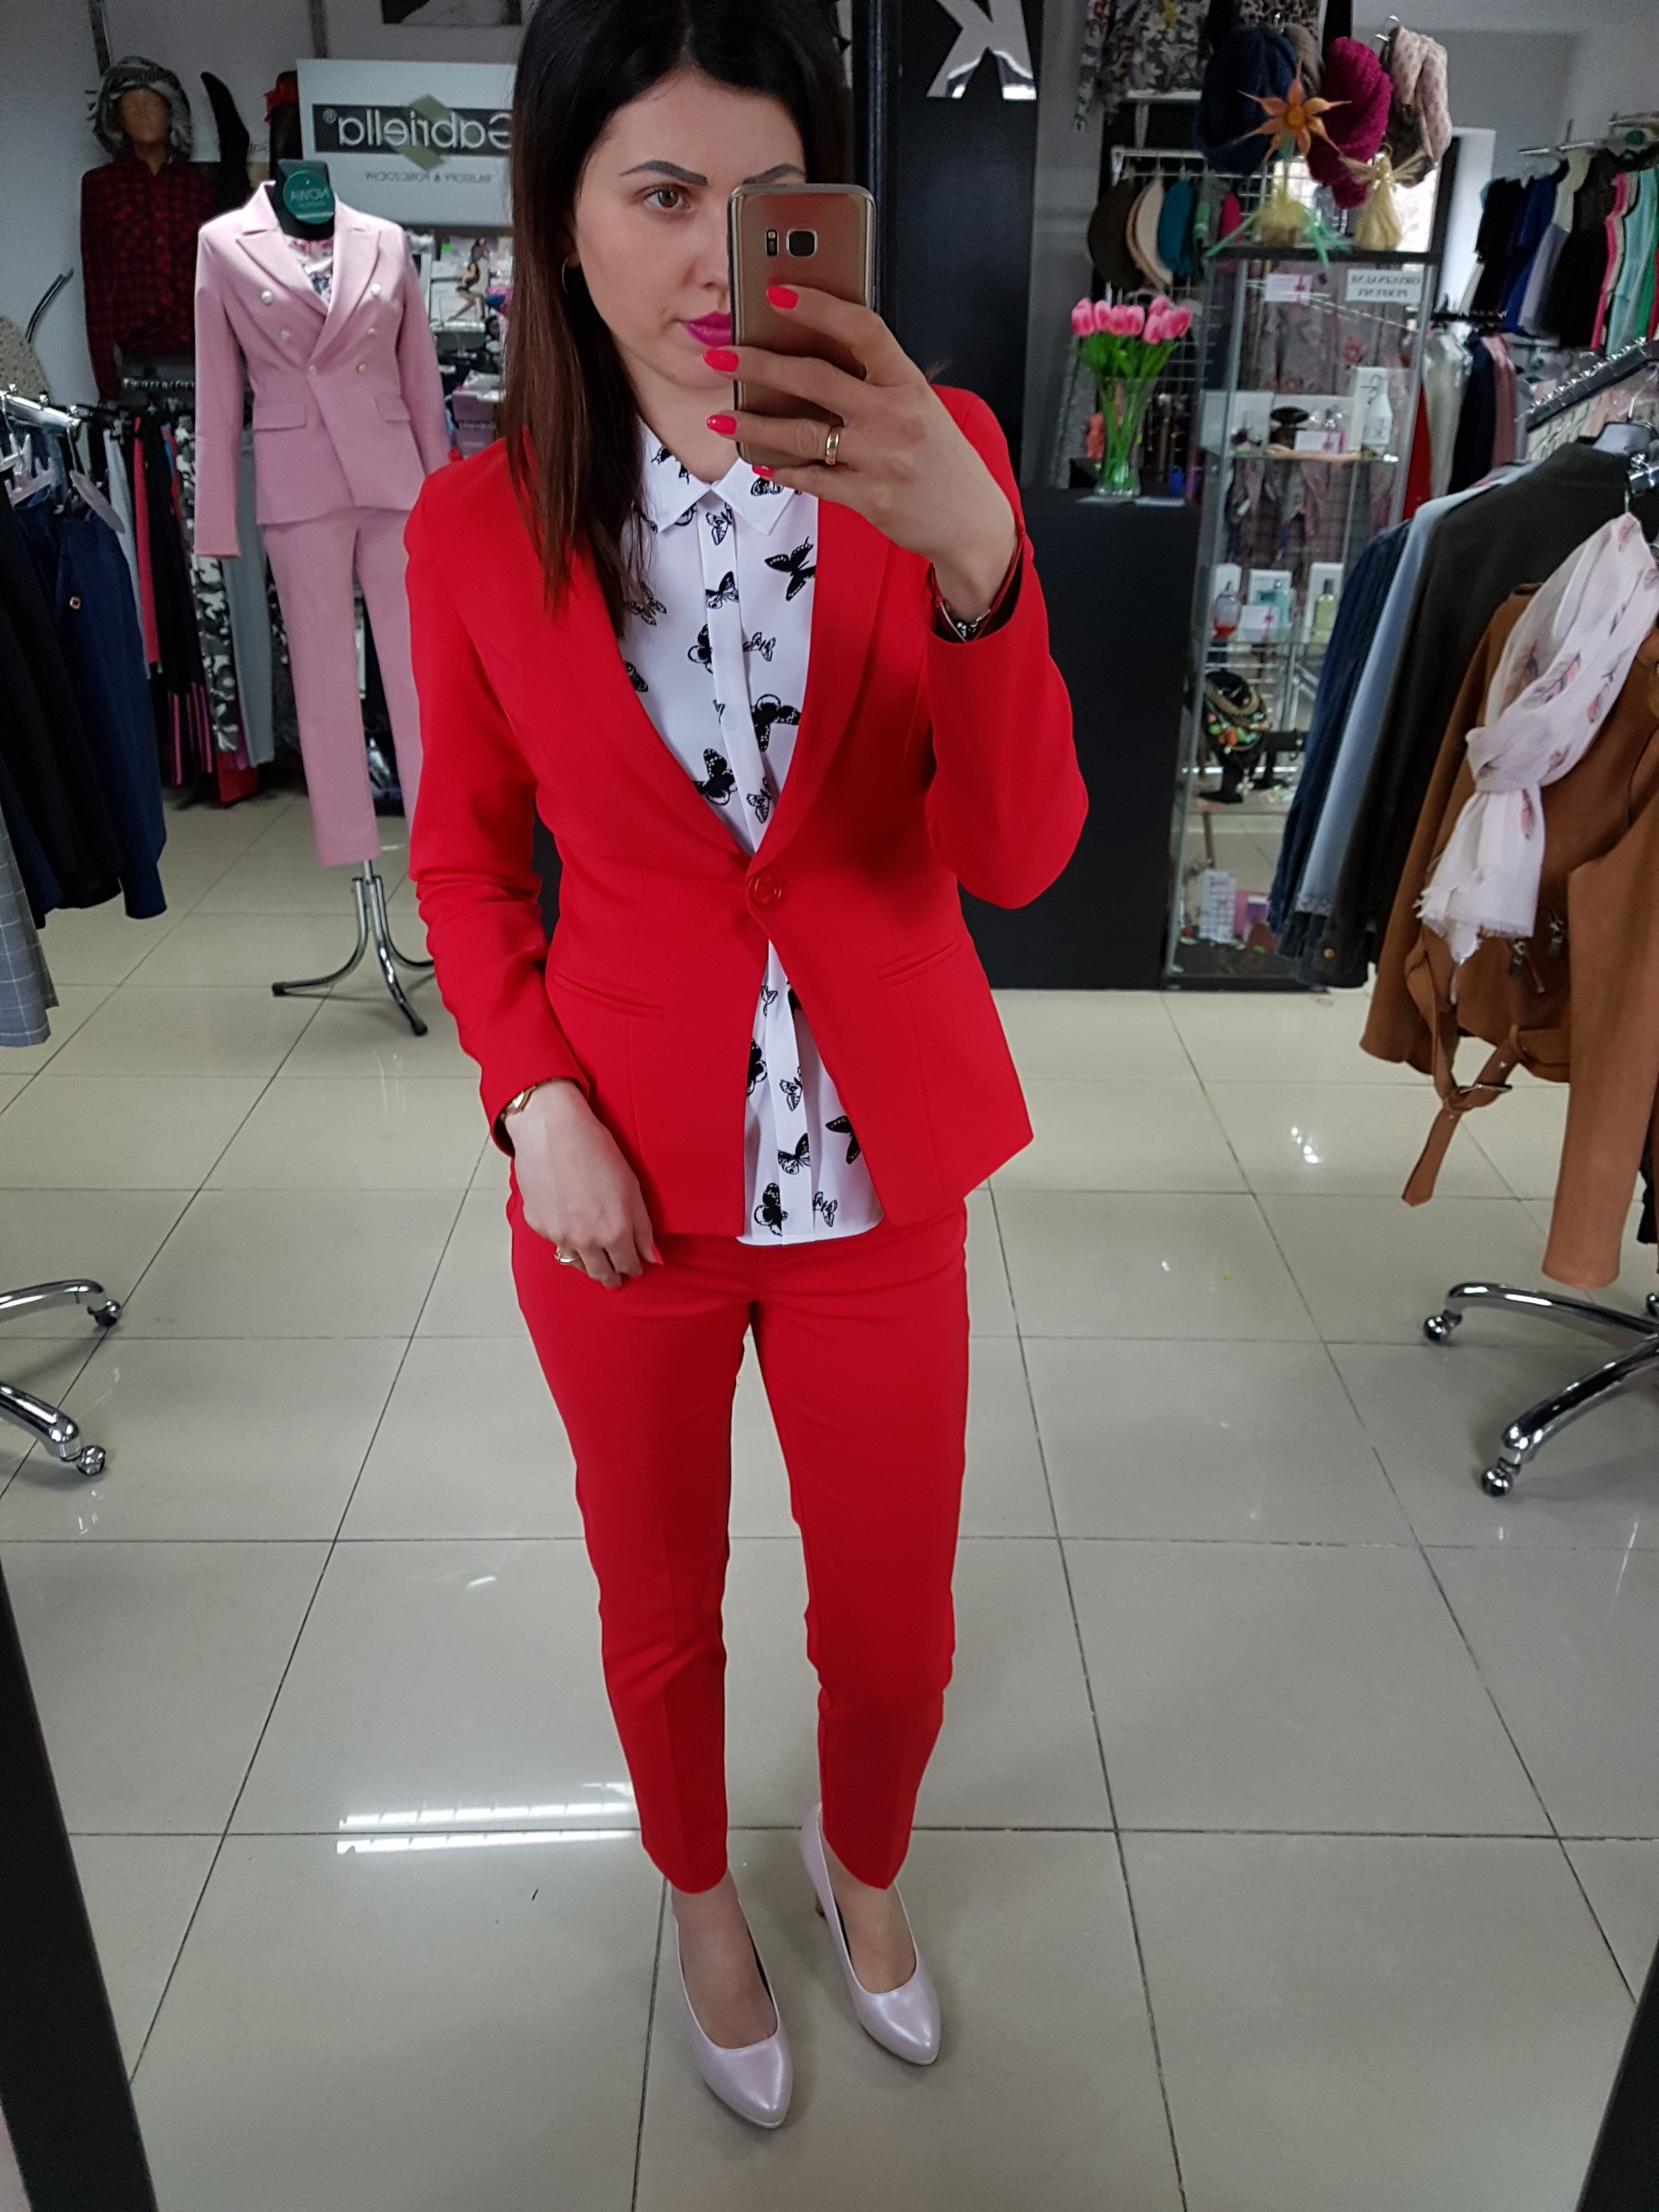 b03c5e86a08e1 czerwone w kategorii Garsonki i kostiumy Nowy w Oficjalnym Archiwum Allegro  - archiwum ofert